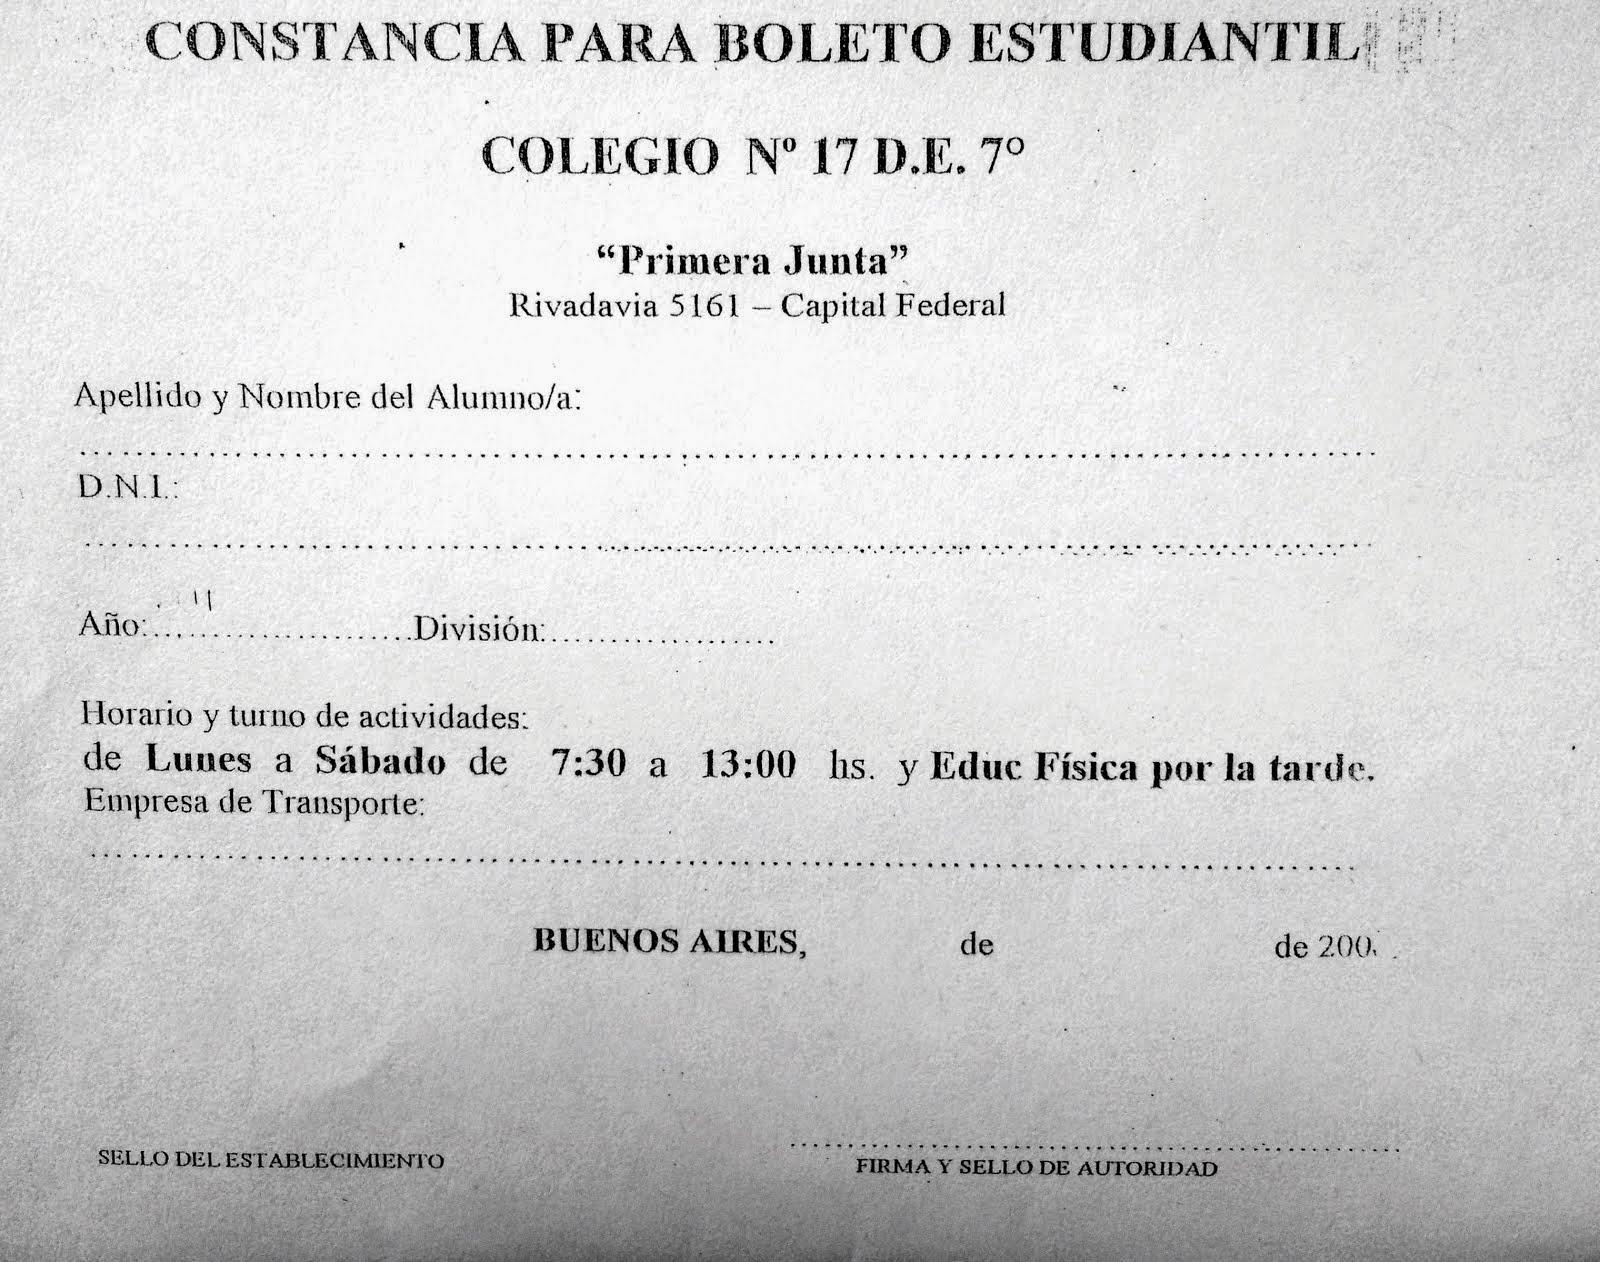 CONSTANCIA PARA EL BOLETO ESTUDIANTIL